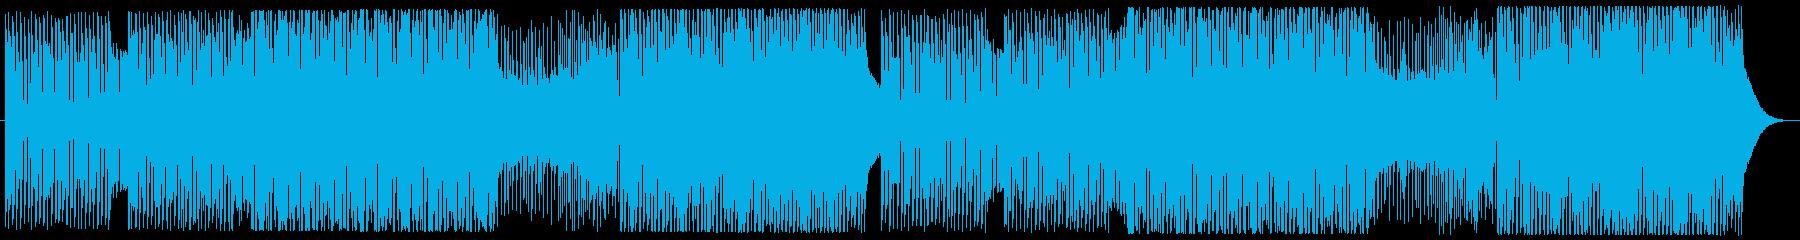 カッコイイEDMFuturehouseの再生済みの波形